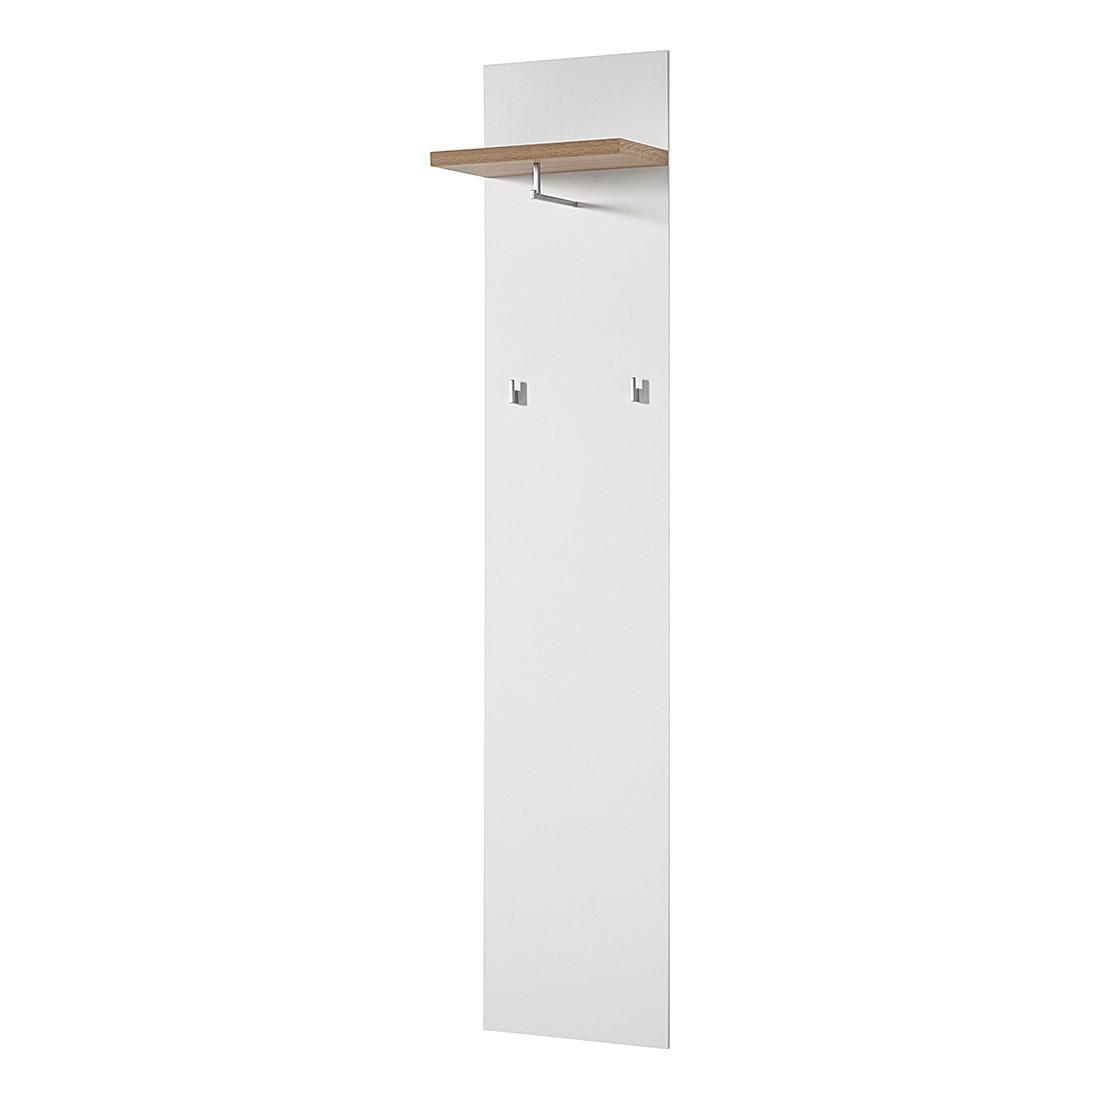 Garderobenpaneel Texture – Weiß/Sonoma-Eiche Dekor, Top Square online kaufen